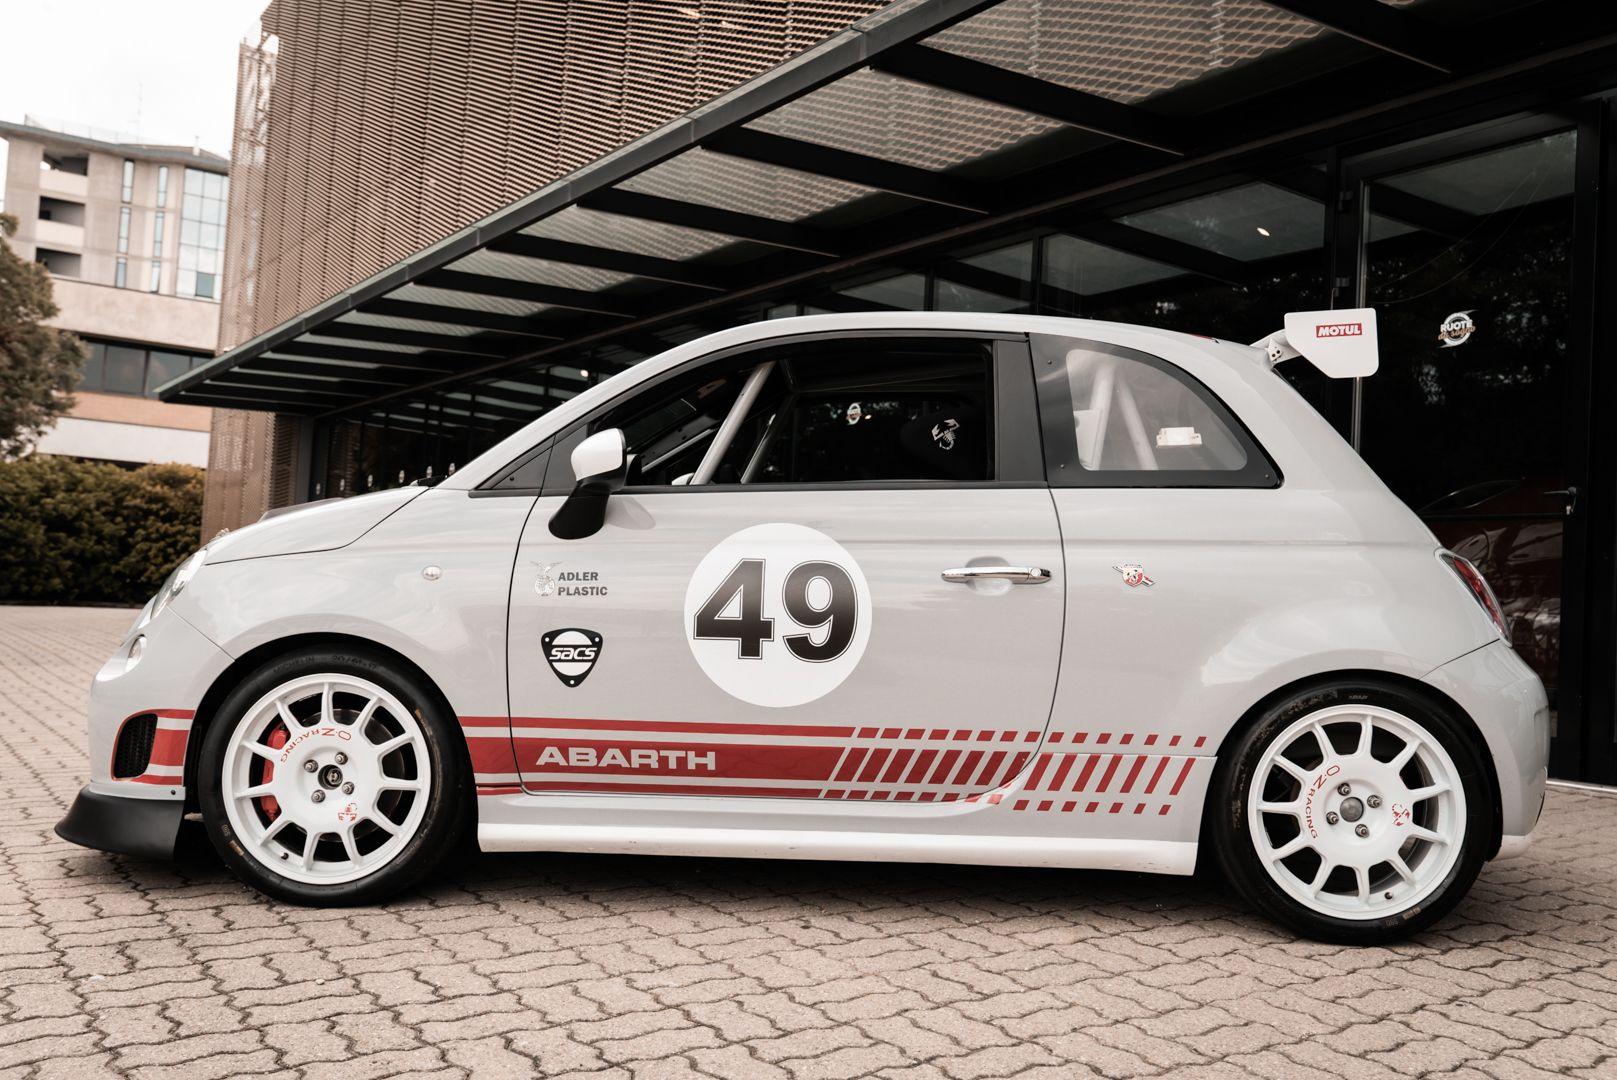 2008 Fiat 500 Abarth Assetto Corse 45/49 77348